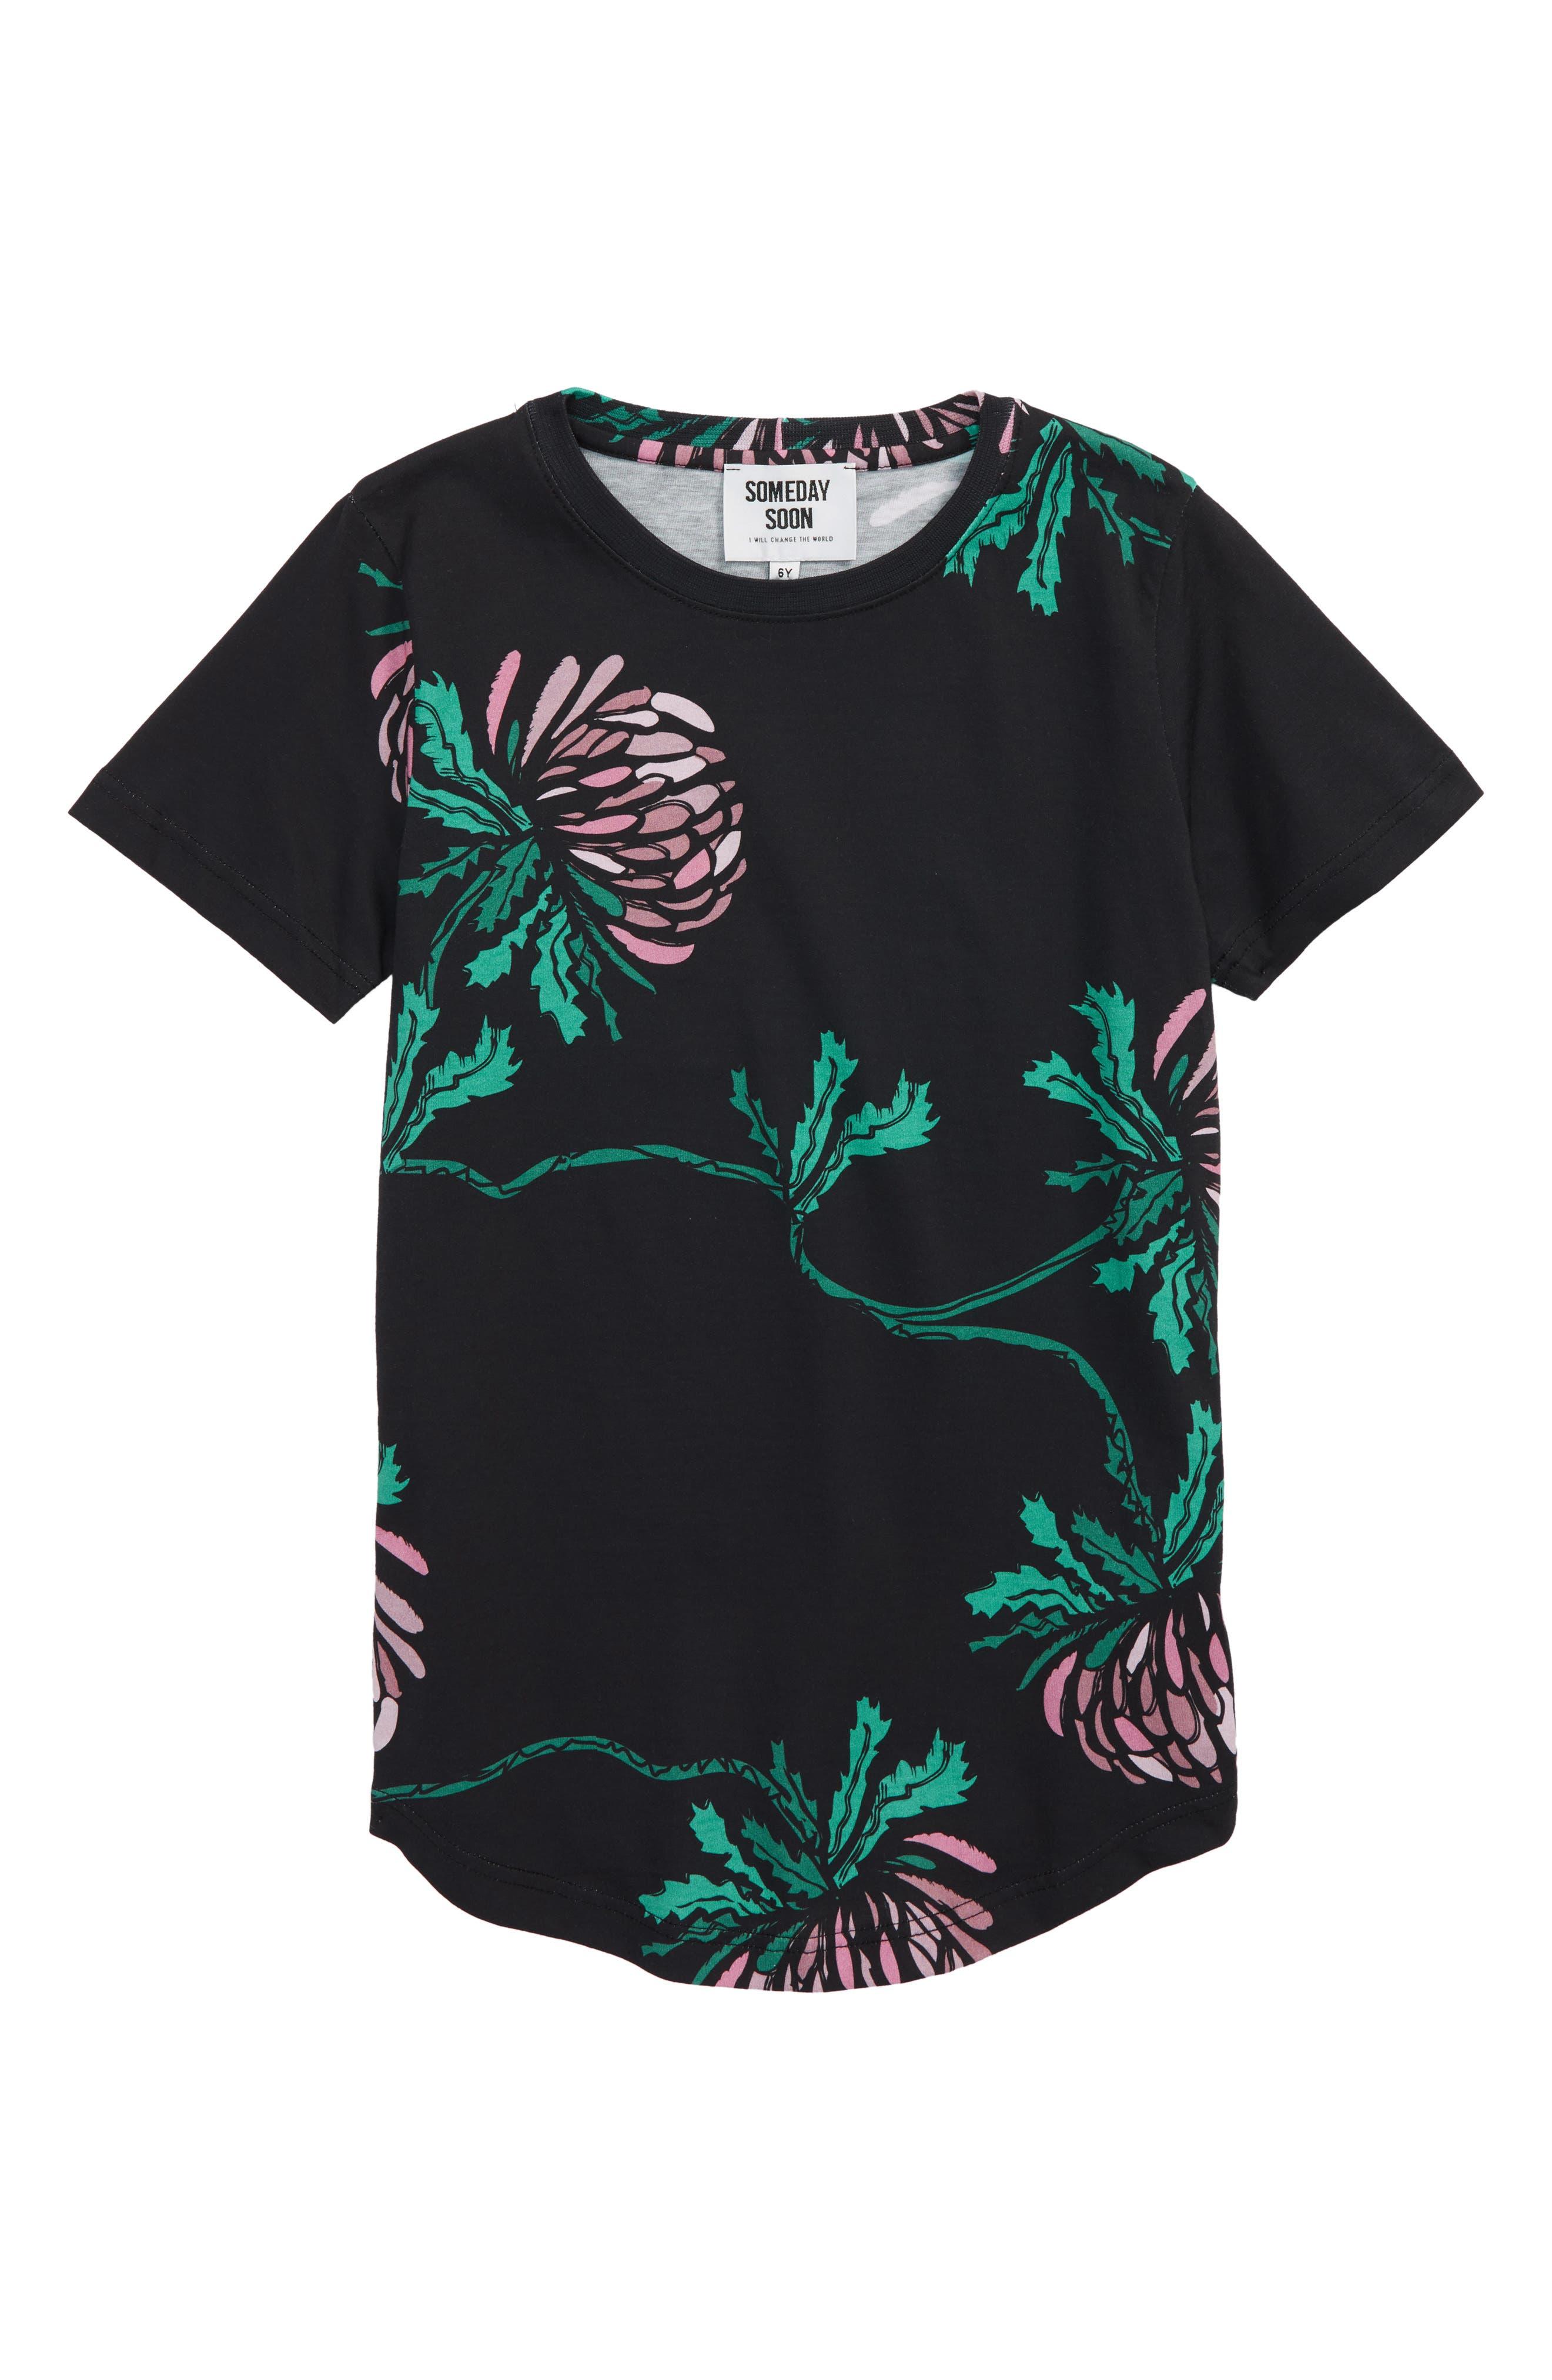 Louis T-Shirt,                         Main,                         color, Black